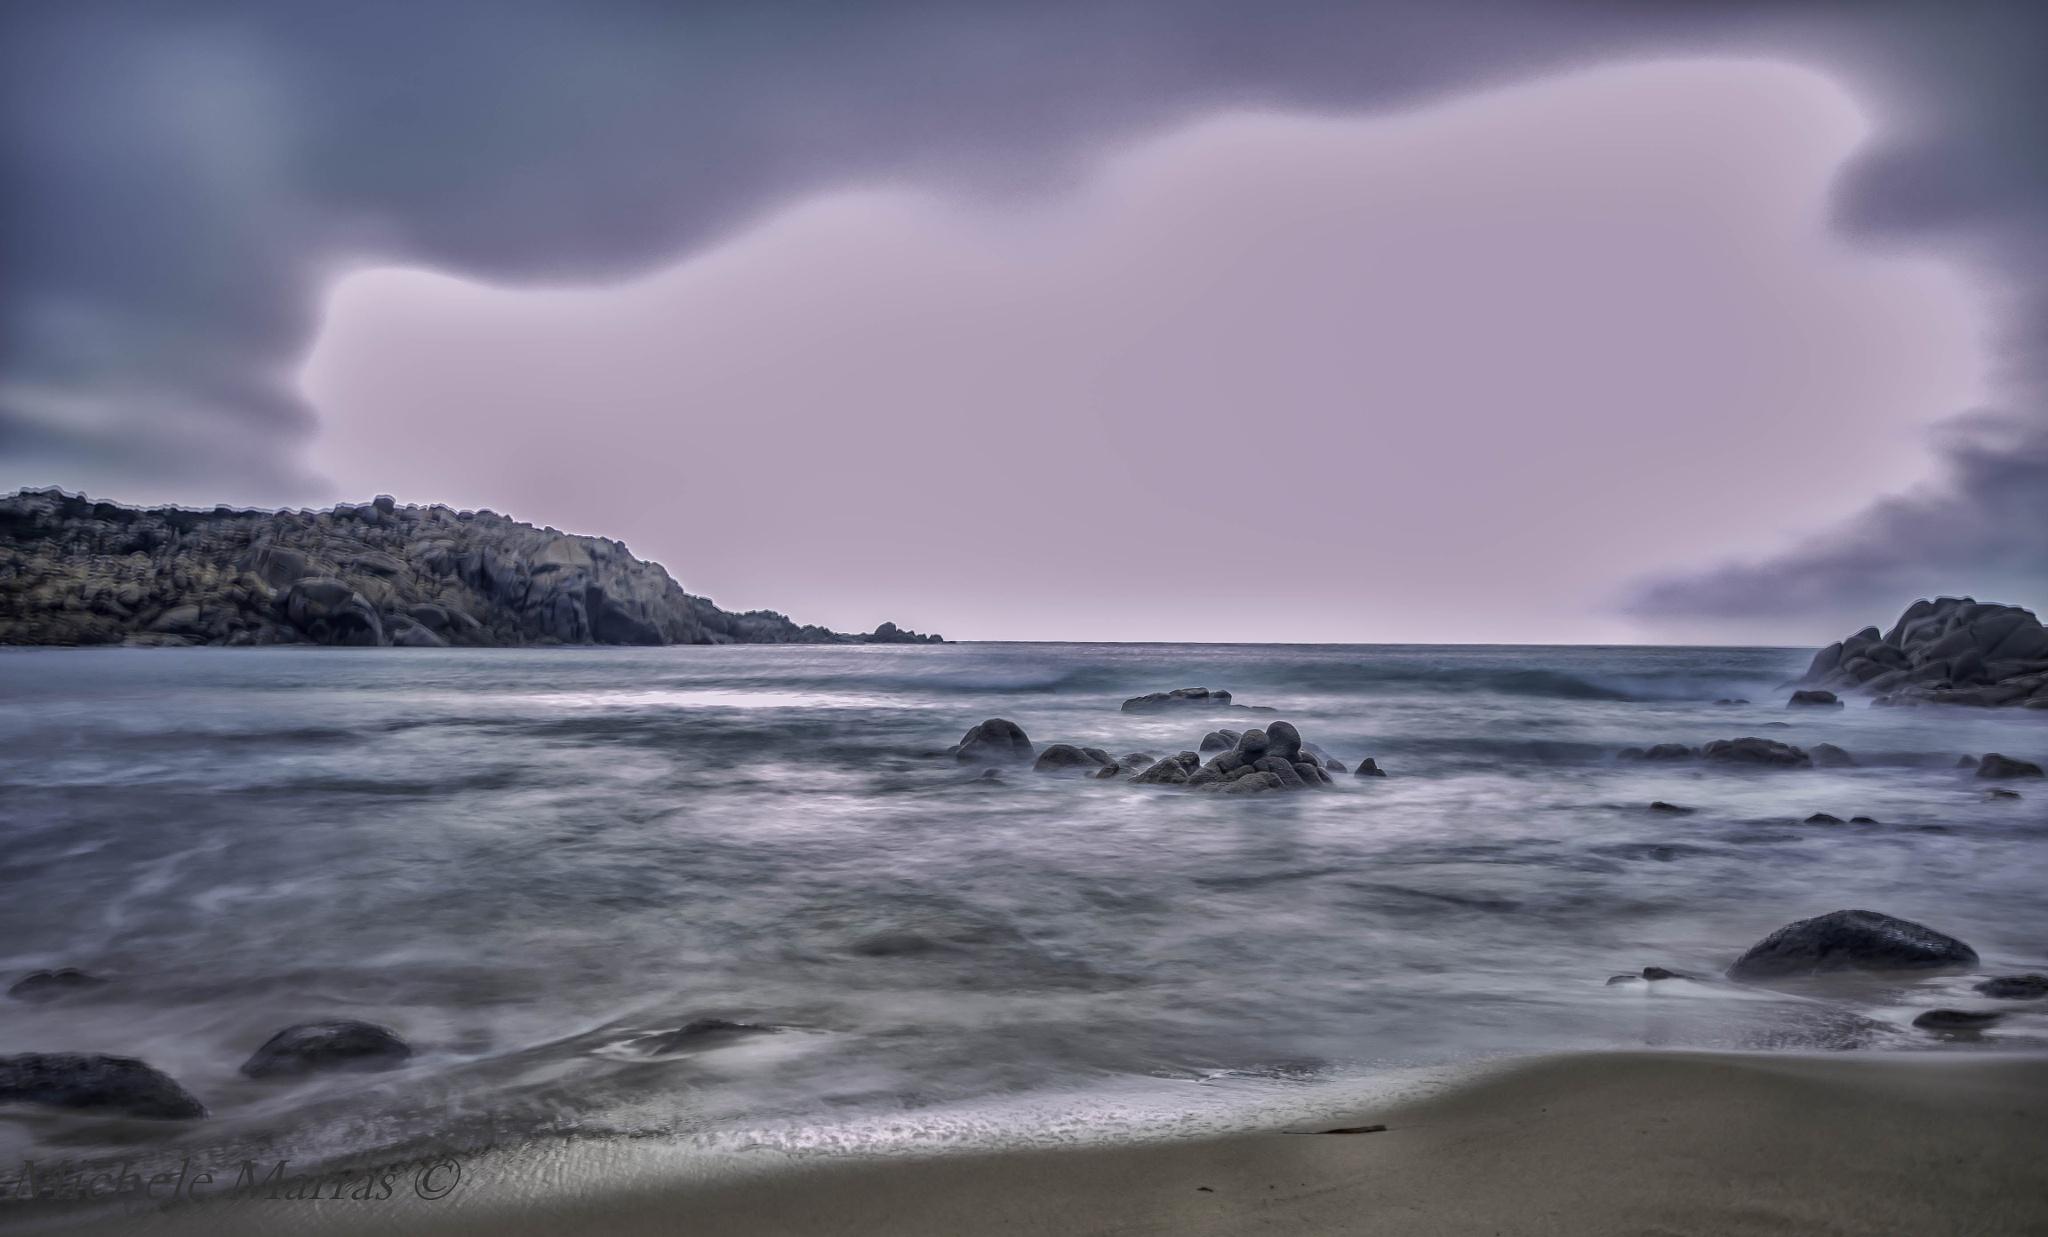 In riva al mare by Michele Pinna Marras